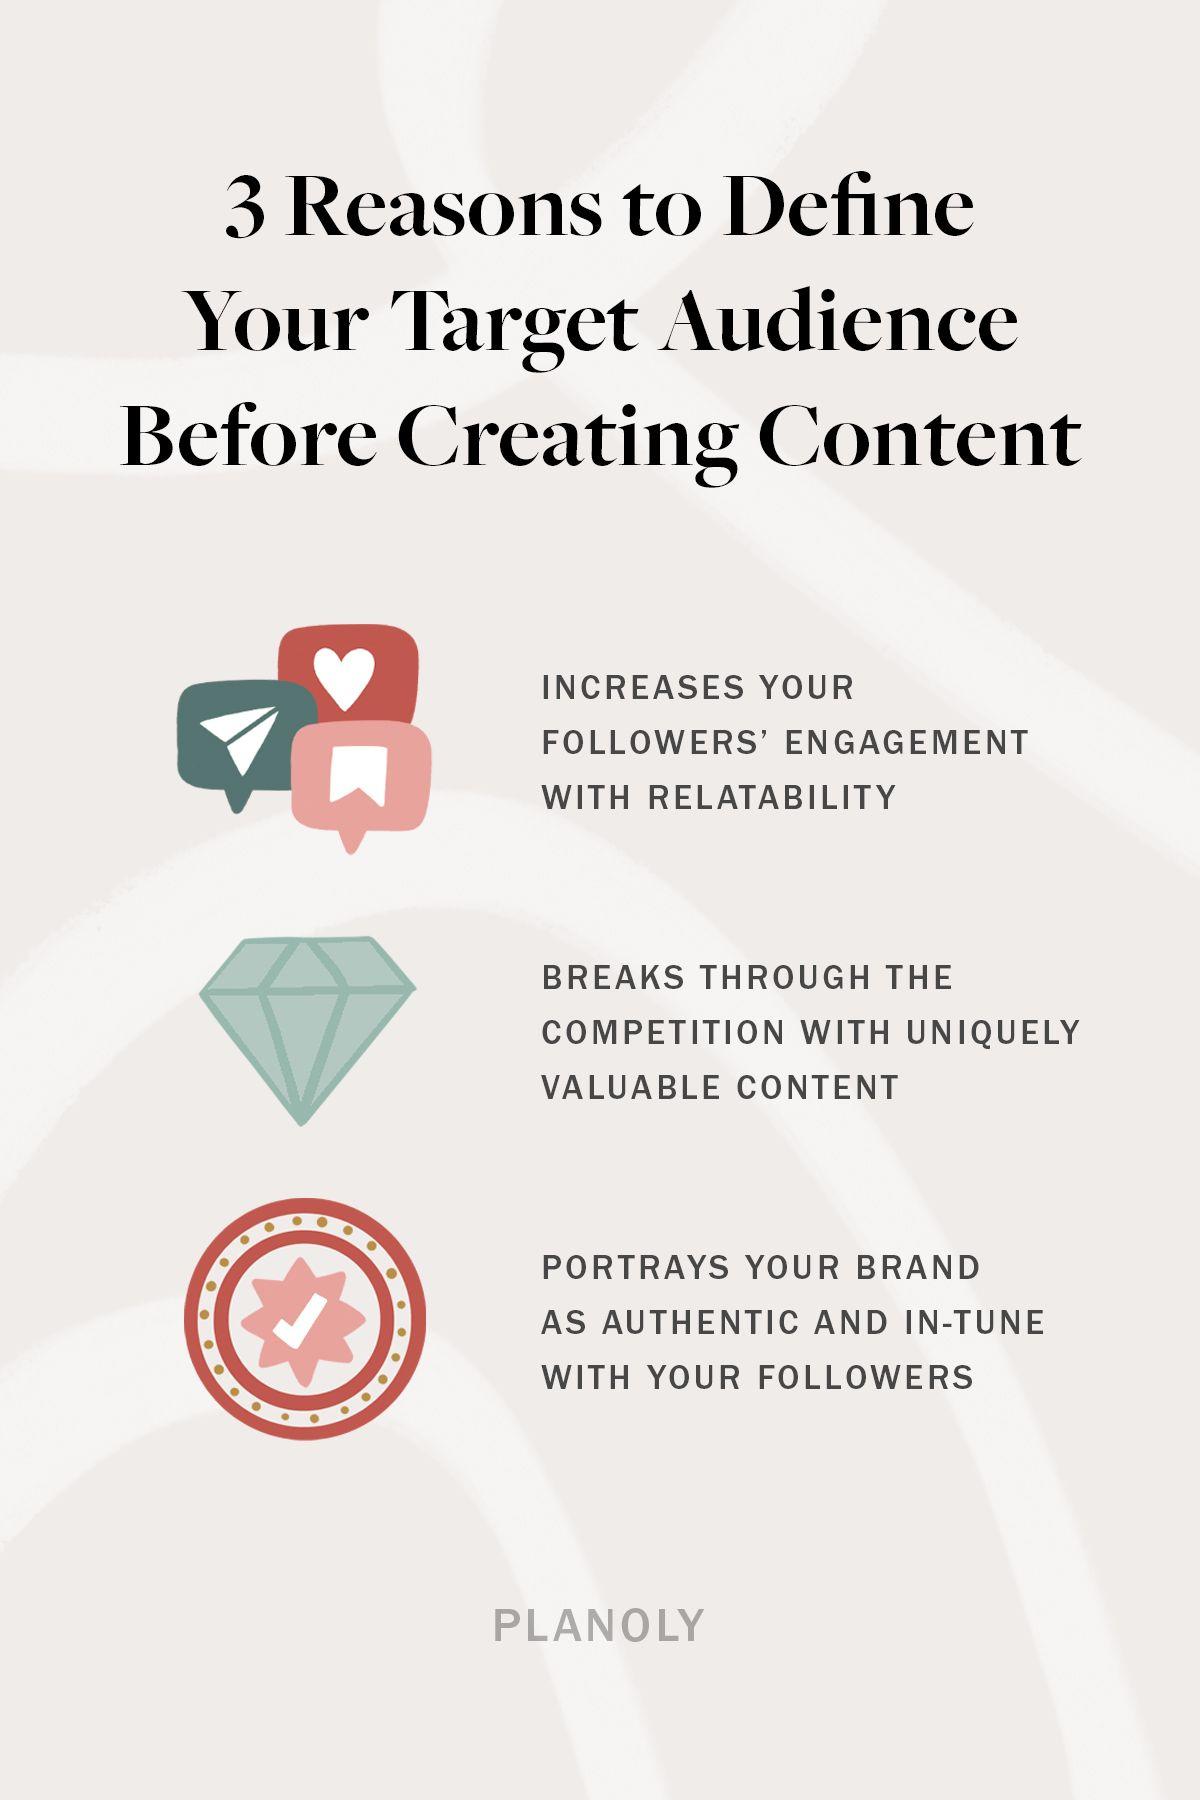 PLANOLY-Blog Post-Social Media Target Market-Image 1